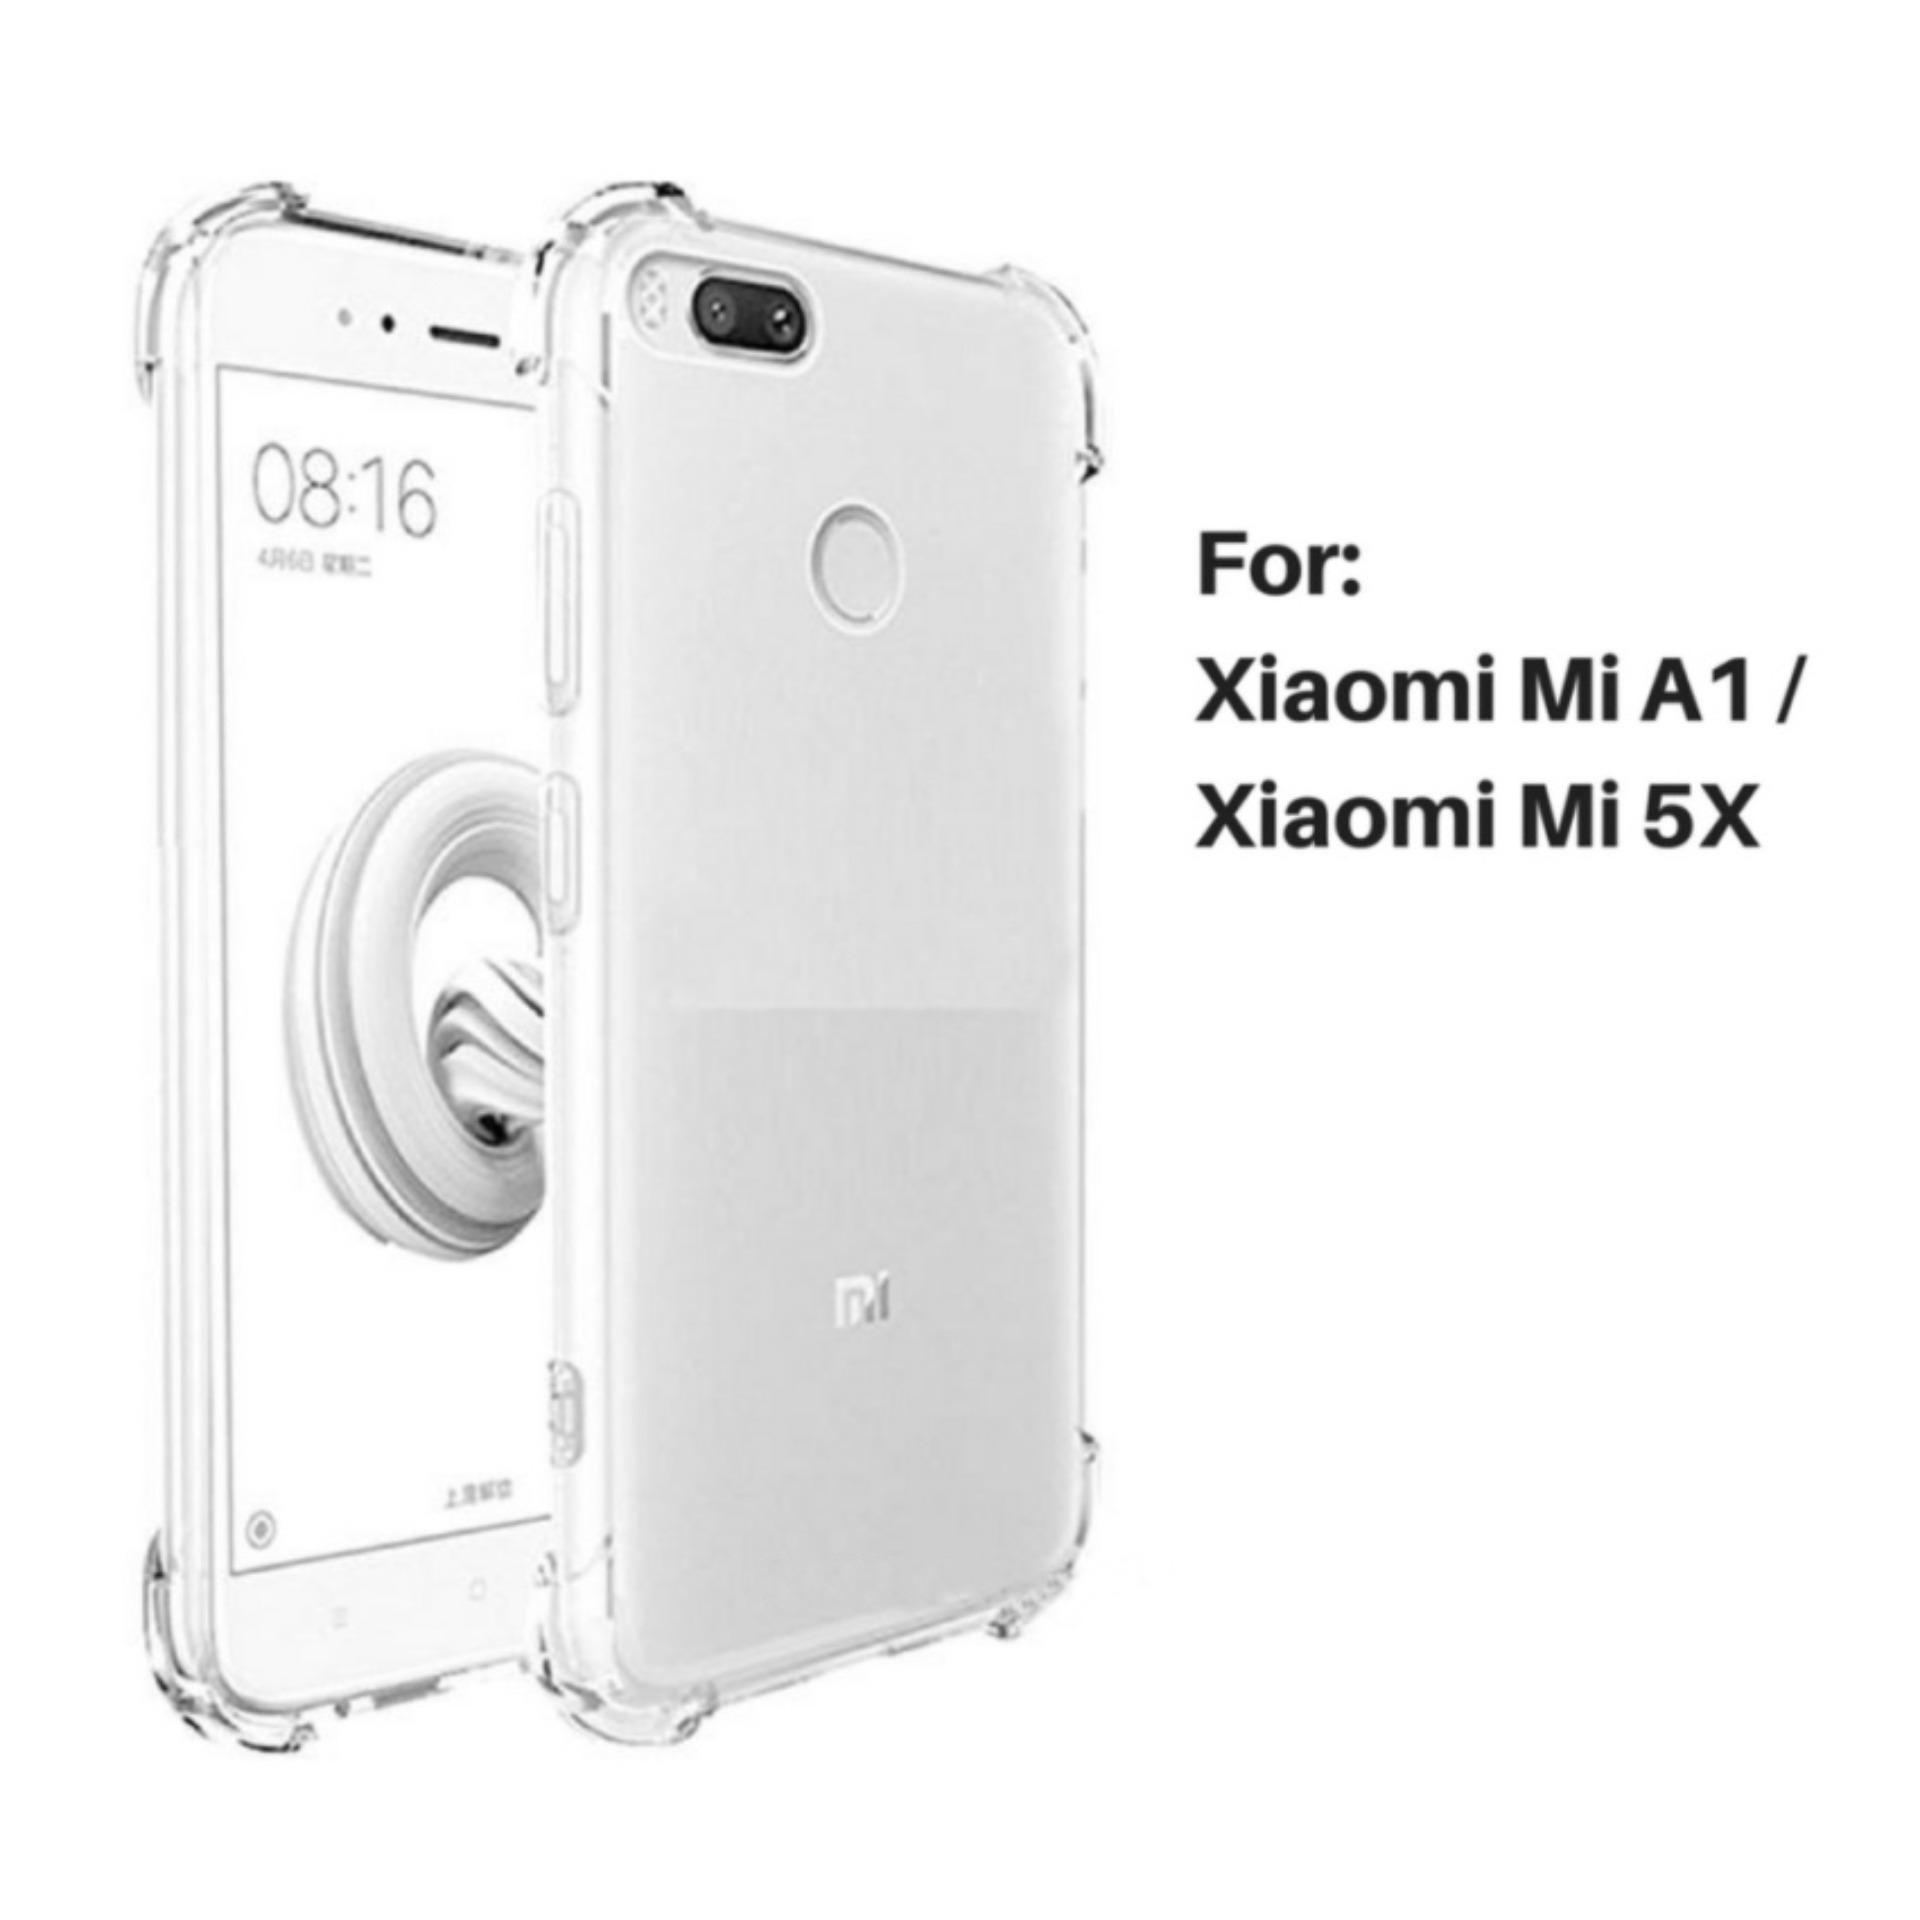 Jak Shop Soft Case Anti Crack / Anti Shock Case Xiaomi Mia1 / Mi5X 4G / Case Hp - Clear - Clear